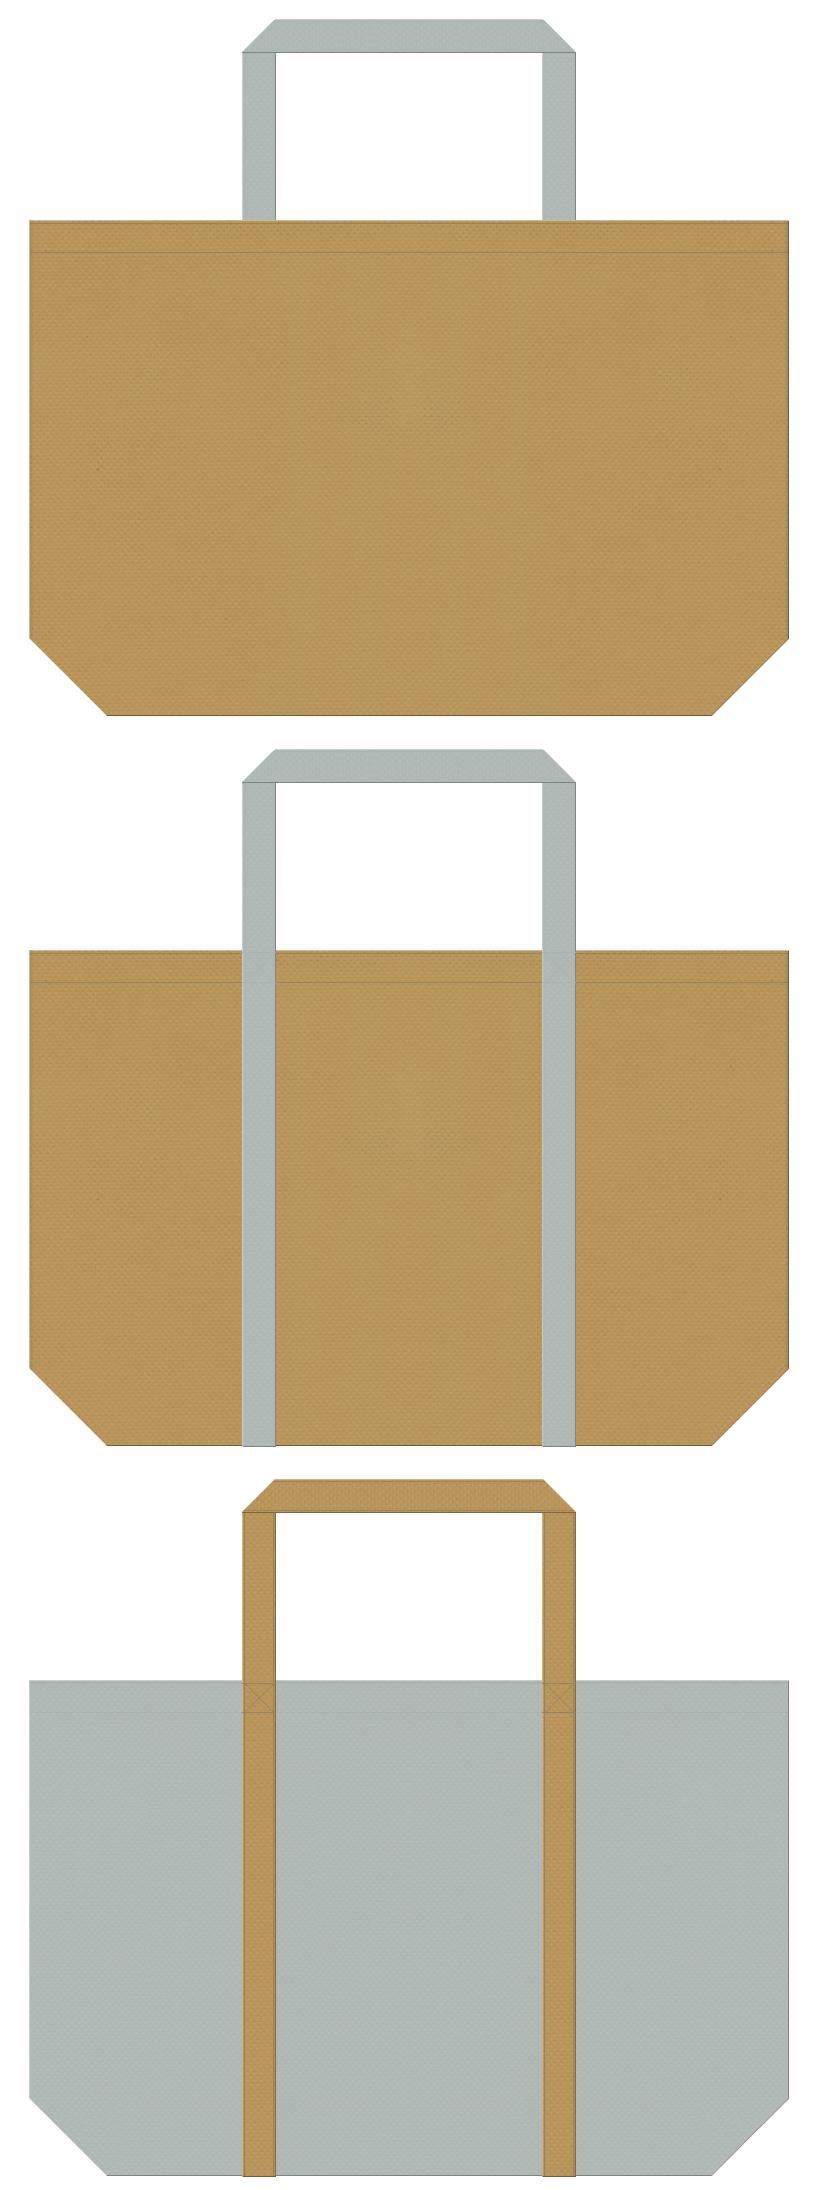 アウター・ニット・セーター・アウトレットのショッピングバッグにお奨めの不織布バッグデザイン:マスタード色とグレー色のコーデ